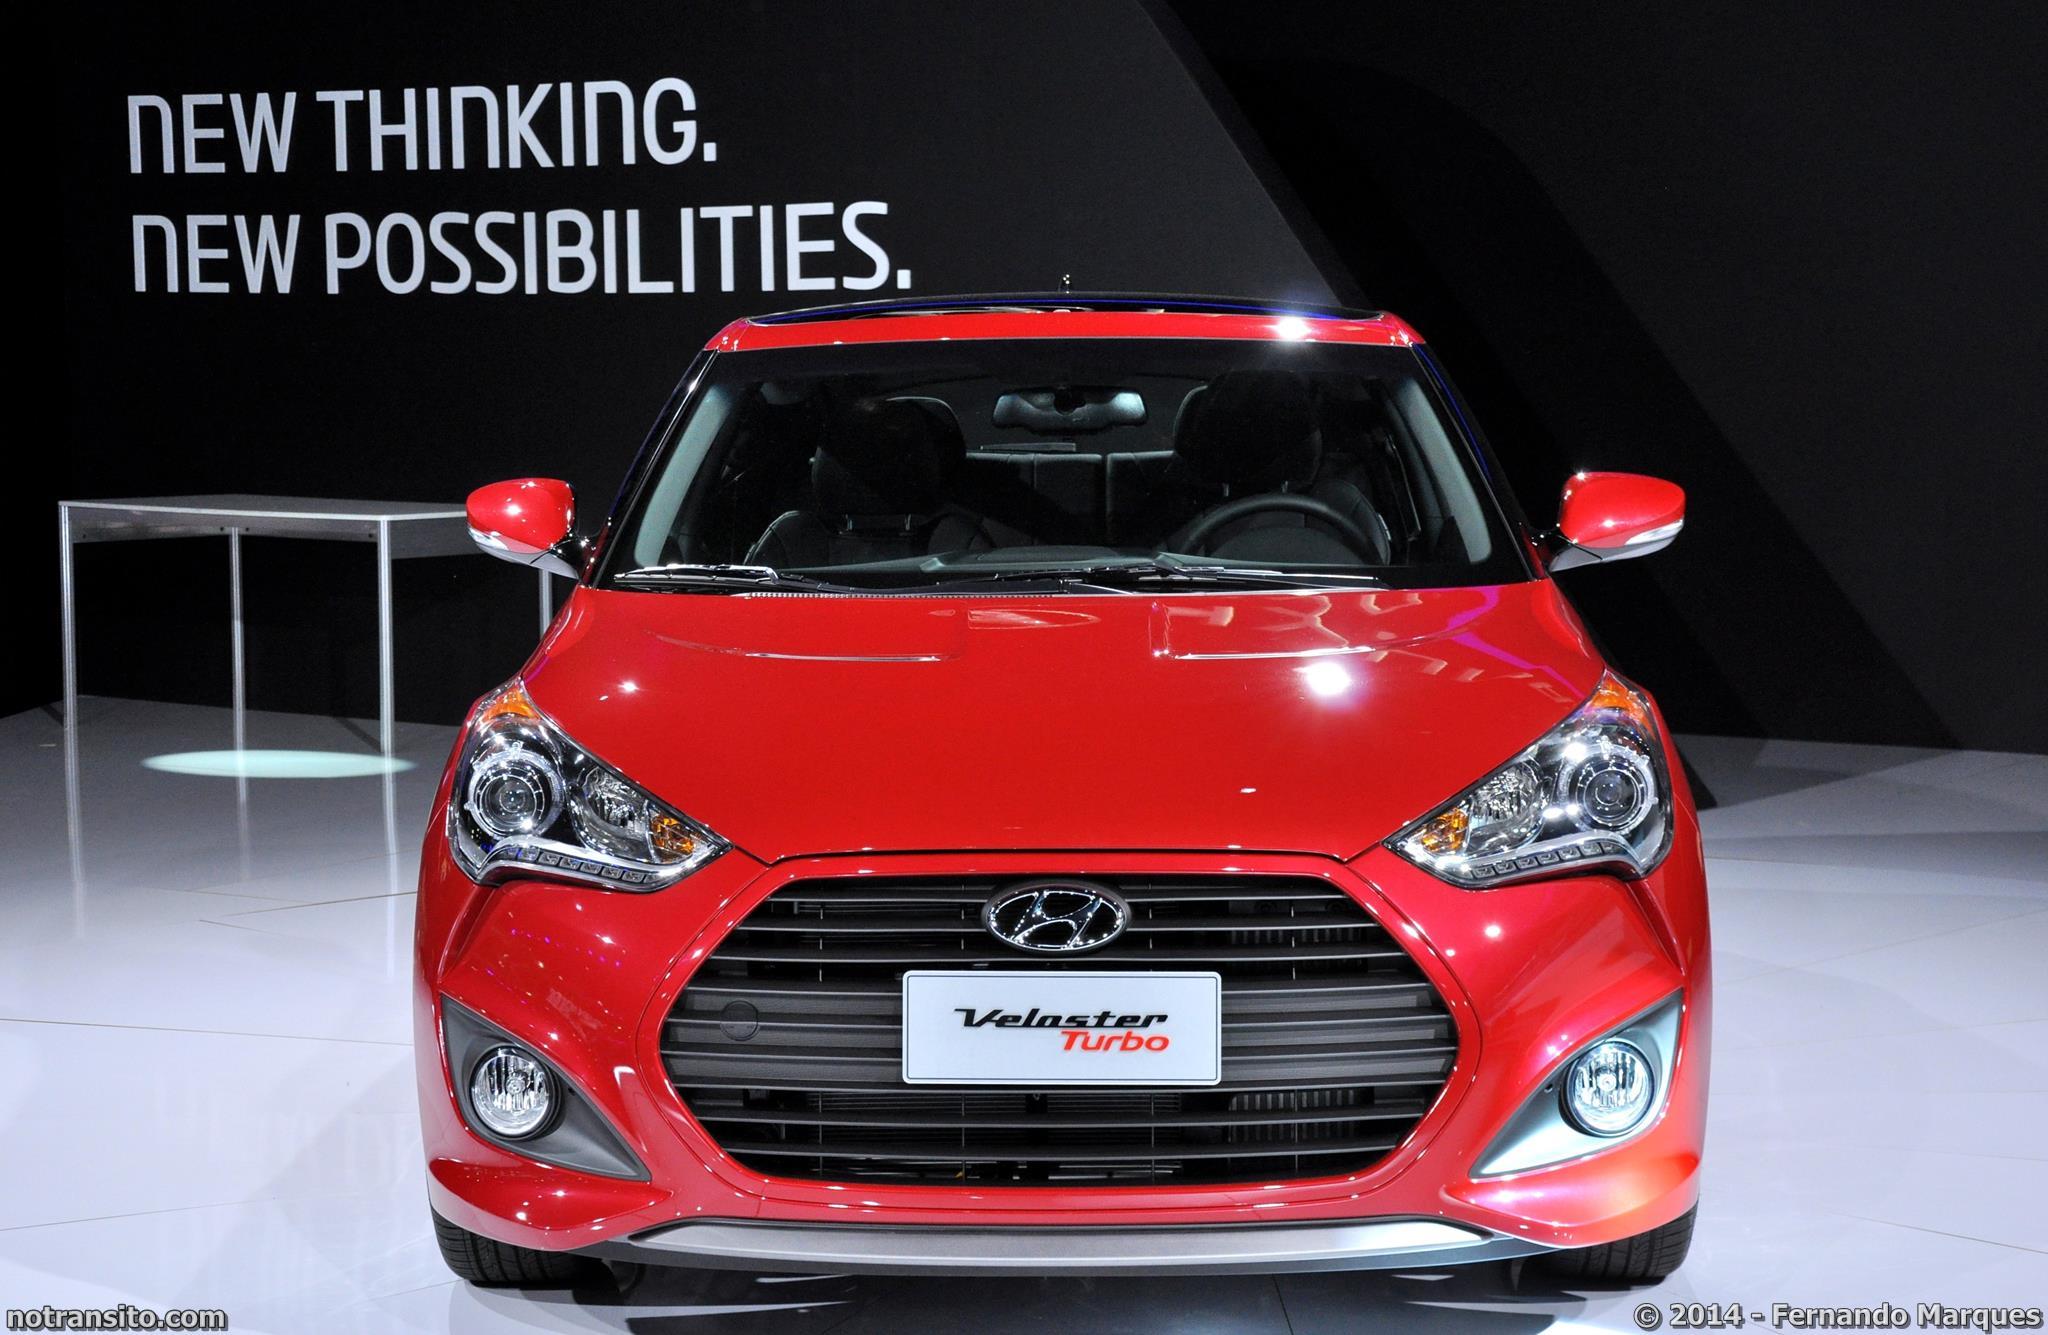 Salão do Automóvel de São Paulo 2014, 28º Salão do Automóvel de São Paulo, Hyundai Veloster Turbo Boston Red